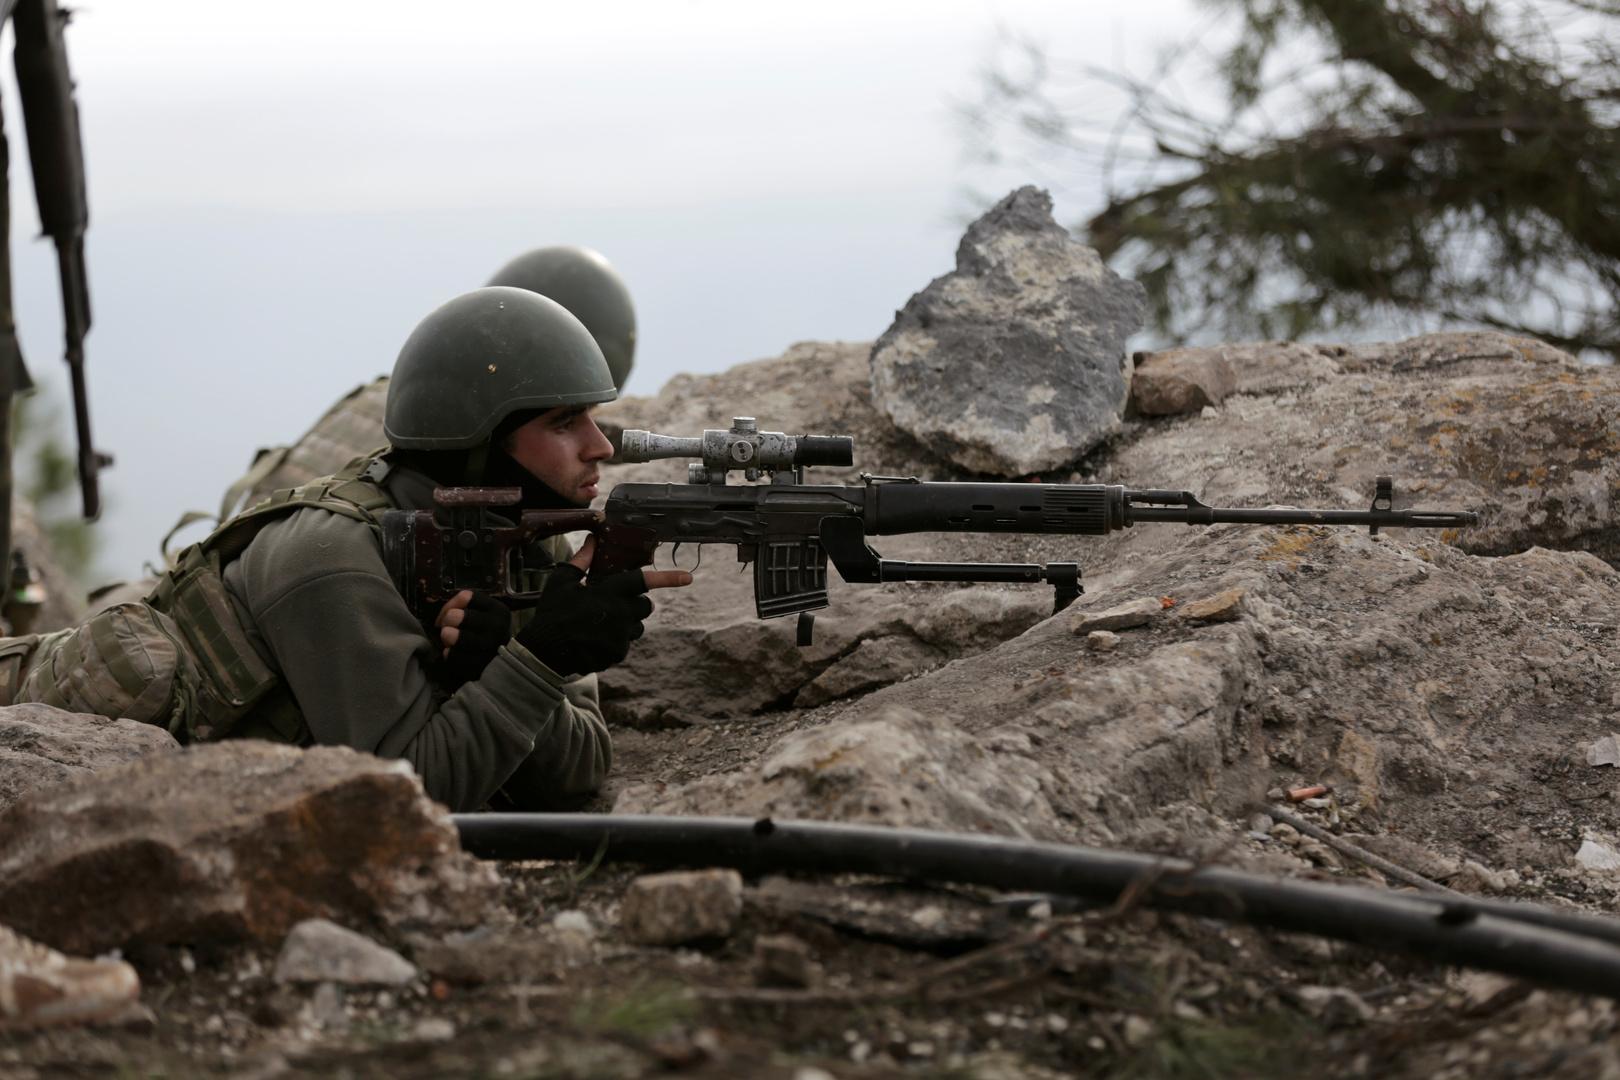 تركيا تعلن عن تصفية 6 مسلحين أكراد شمال سوريا